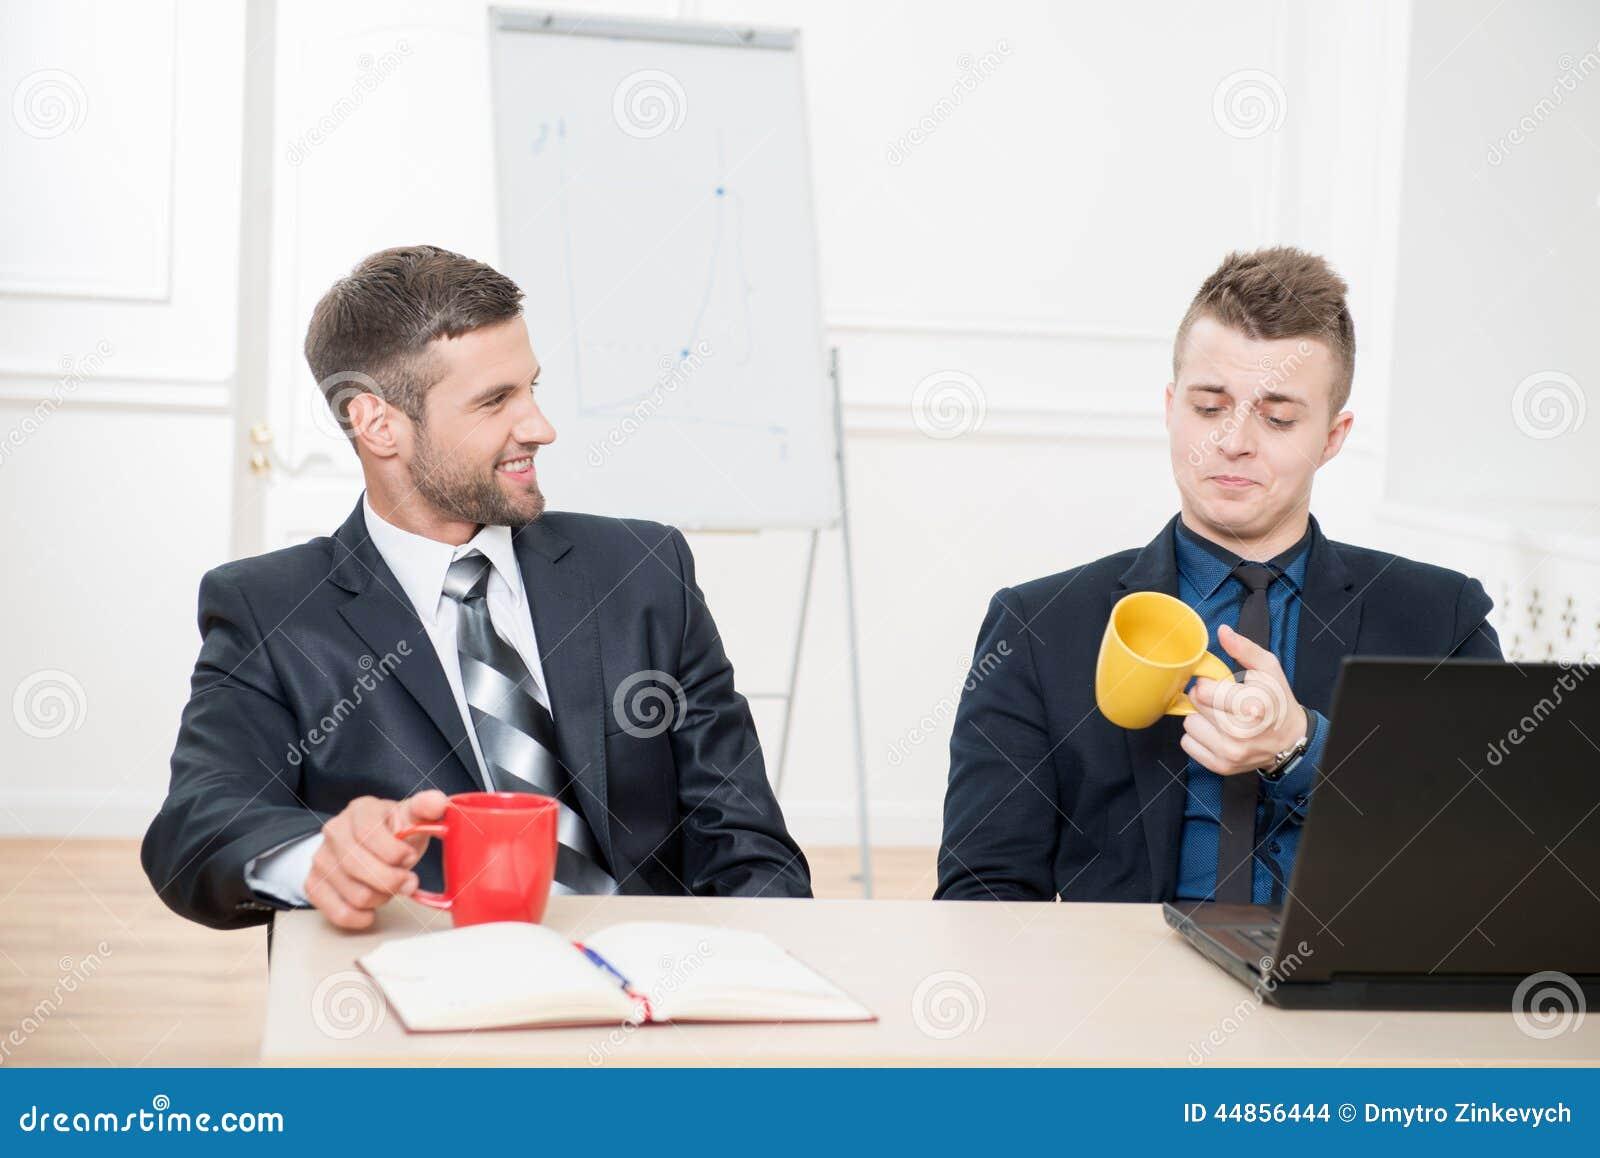 Retrato de dos hombres de negocios hermosos en trajes